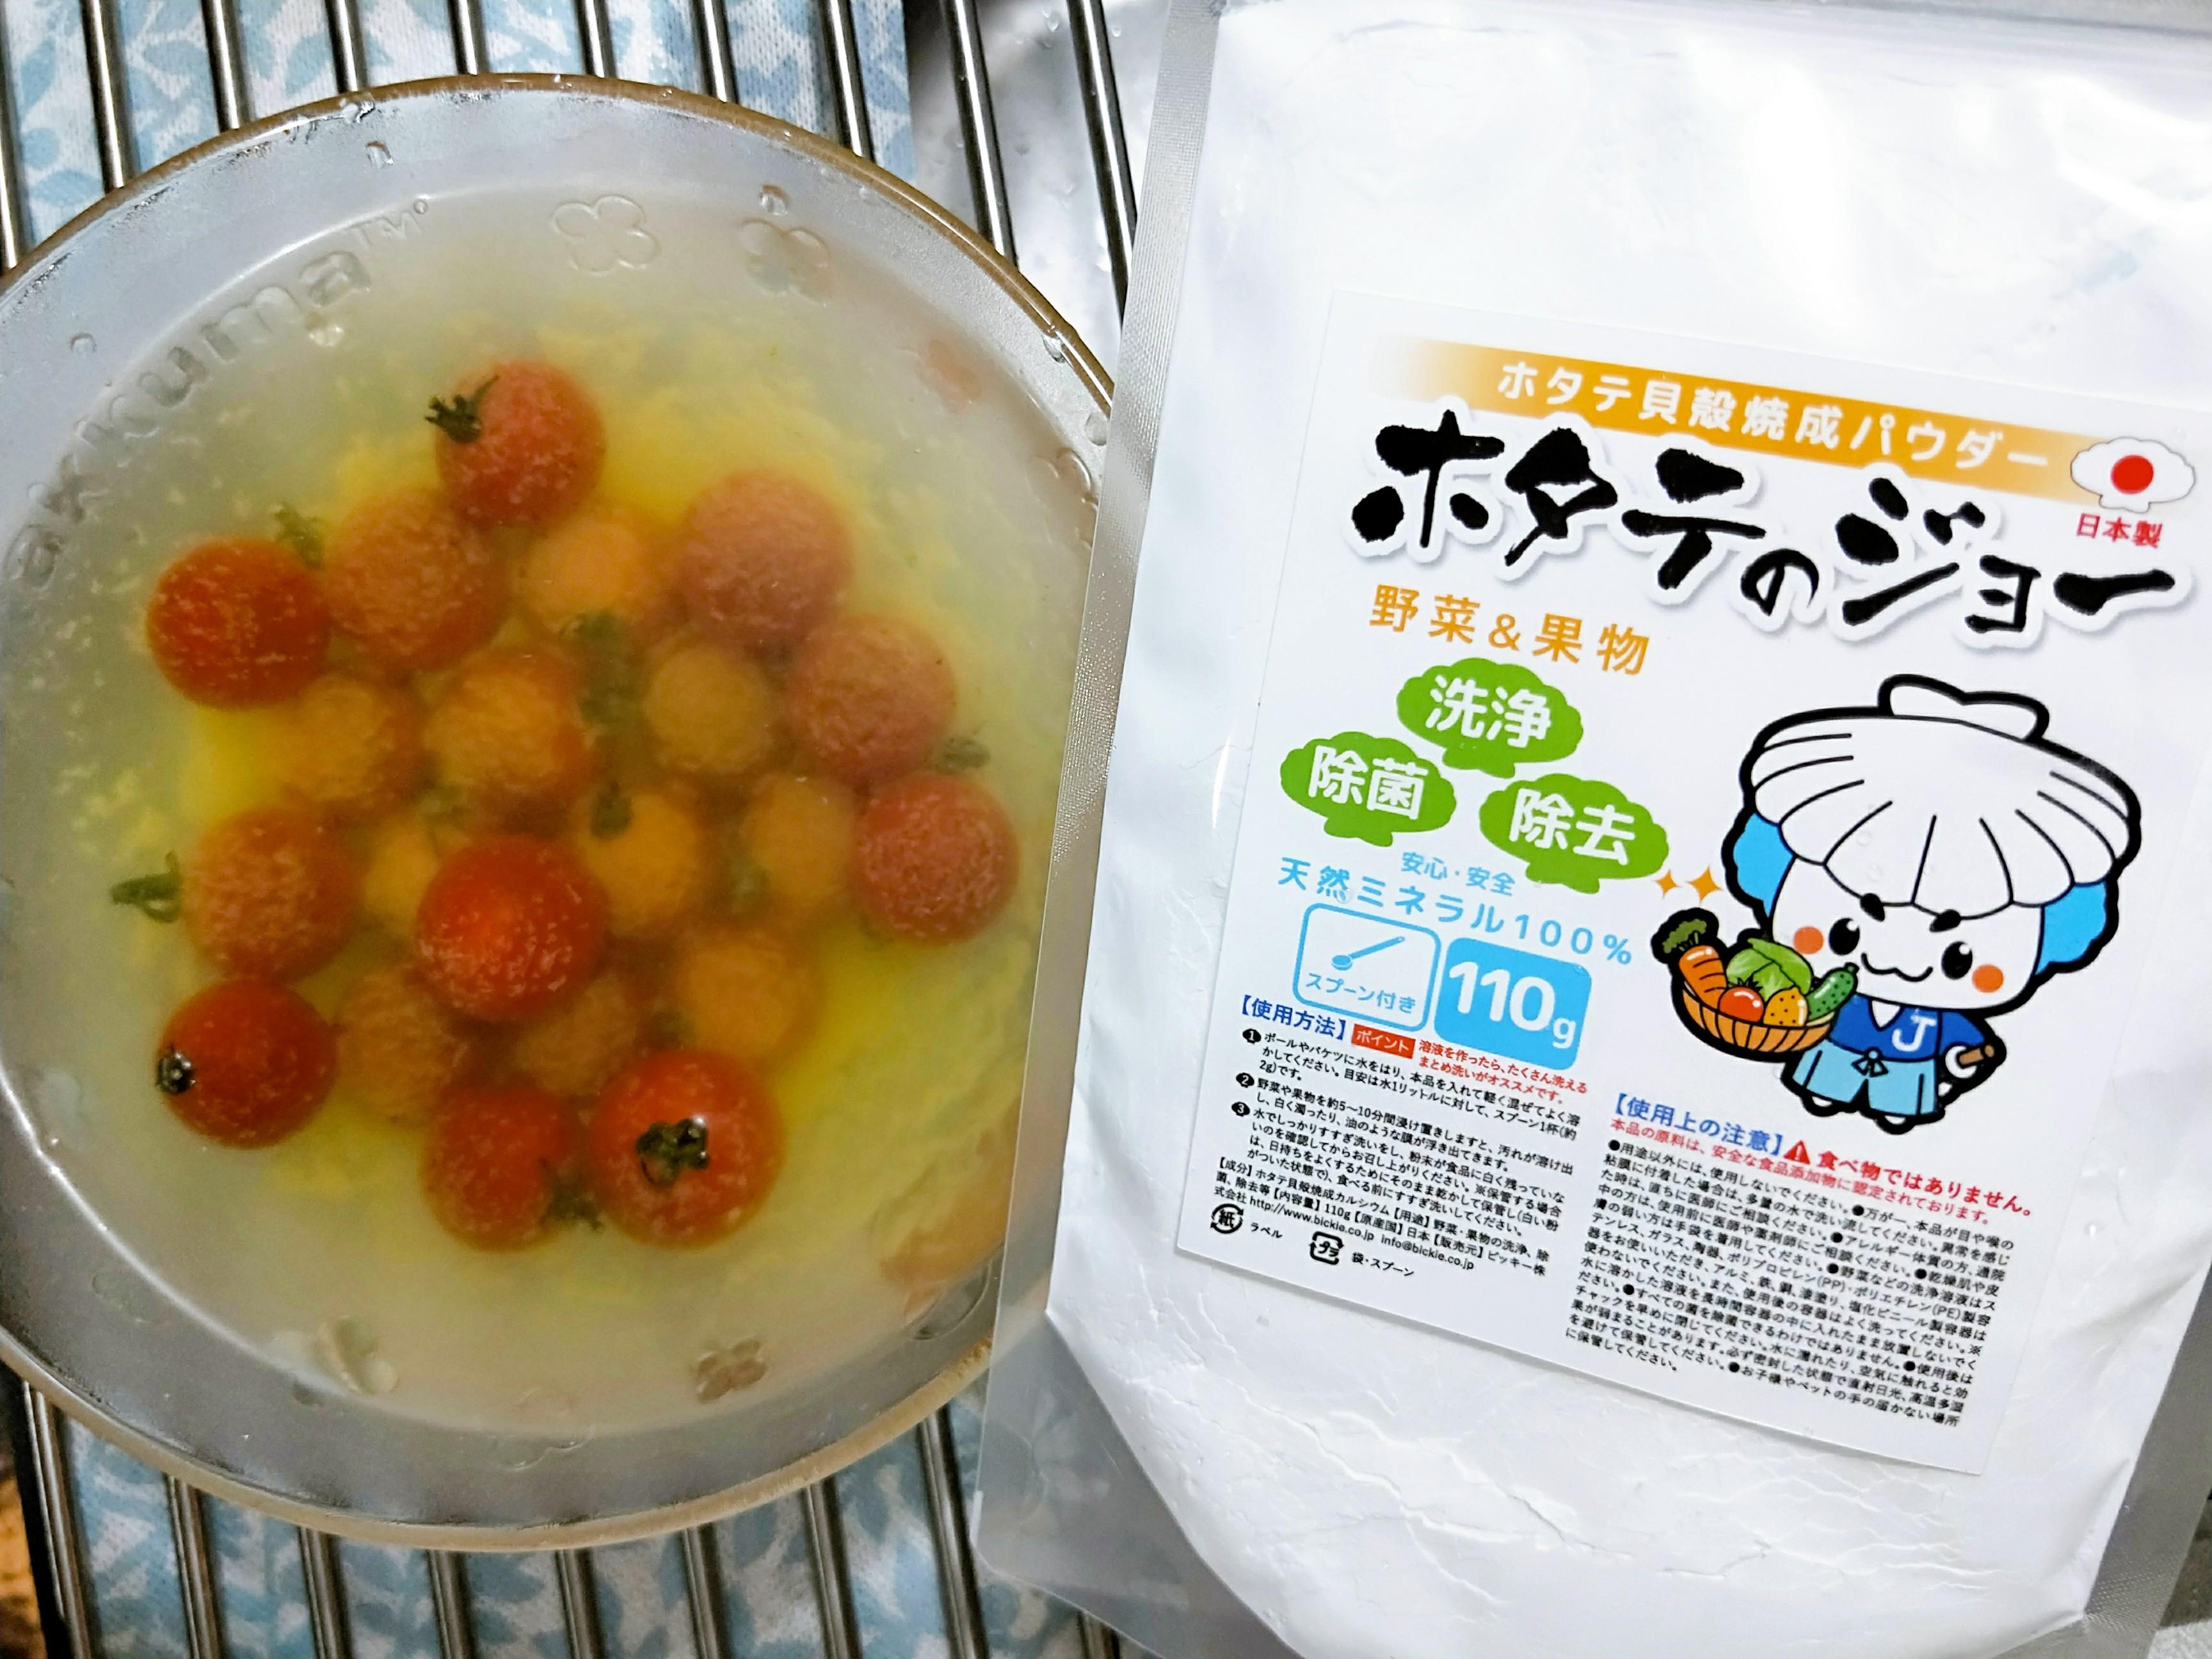 野菜&果物の洗浄に!残留農薬&ワックスの除去に「ホタテのジョー」天然ミネラル100%で安心♡_1